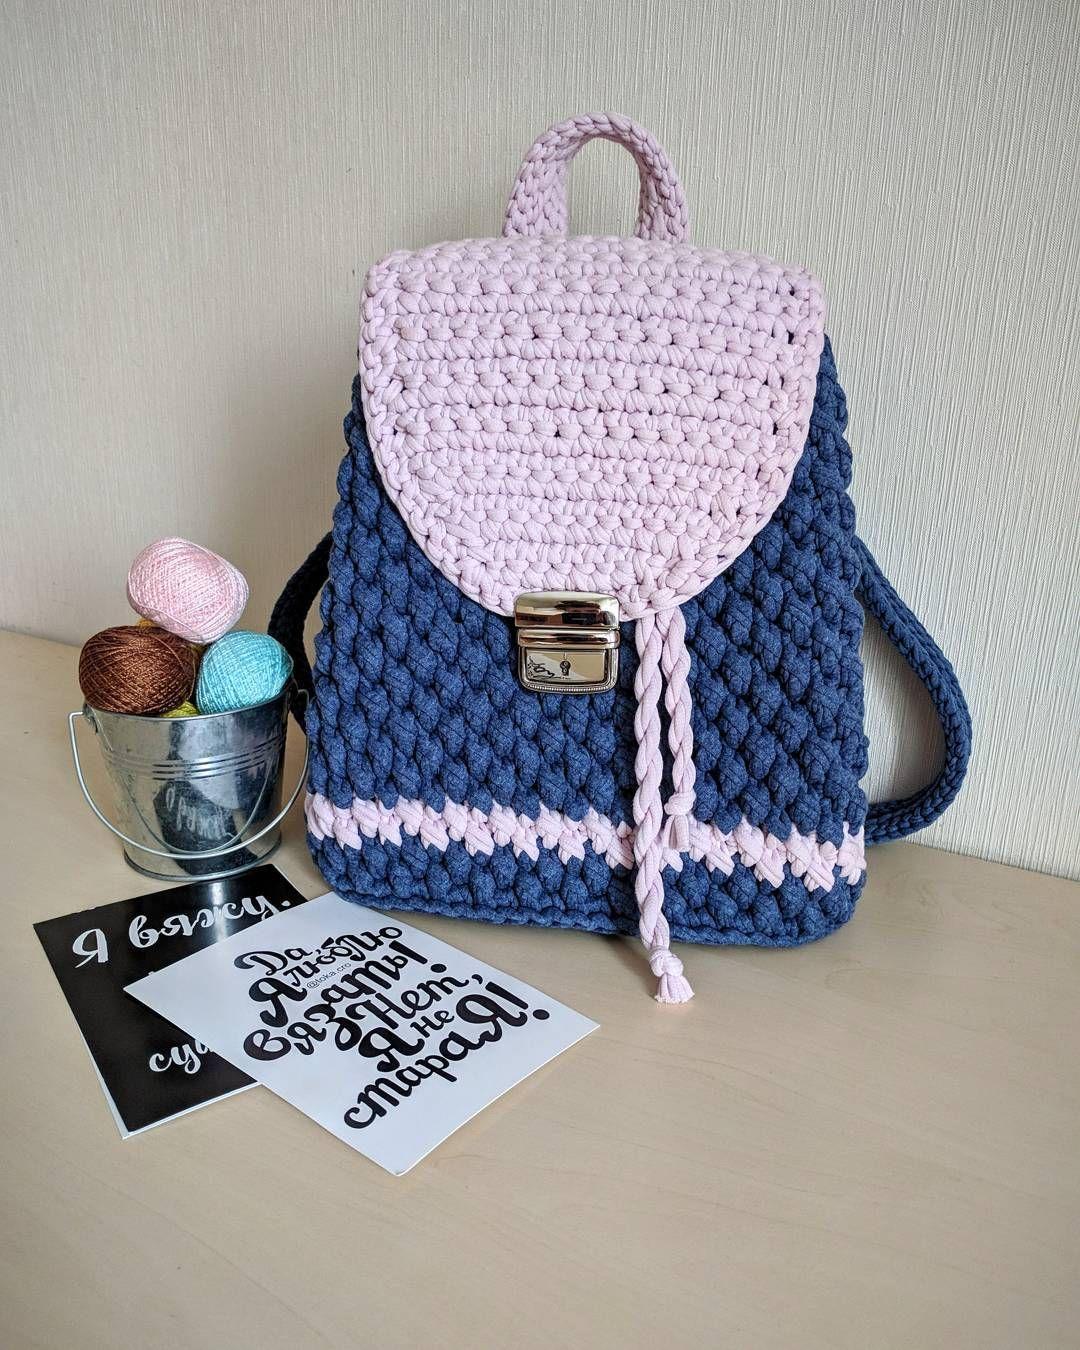 d705fcb191de Стильный рюкзак - трикотажная пряжа. Очень вместительный. Возможность  исполнения как для детей, так и для взрослых. knitting, backpack, crochet  bag